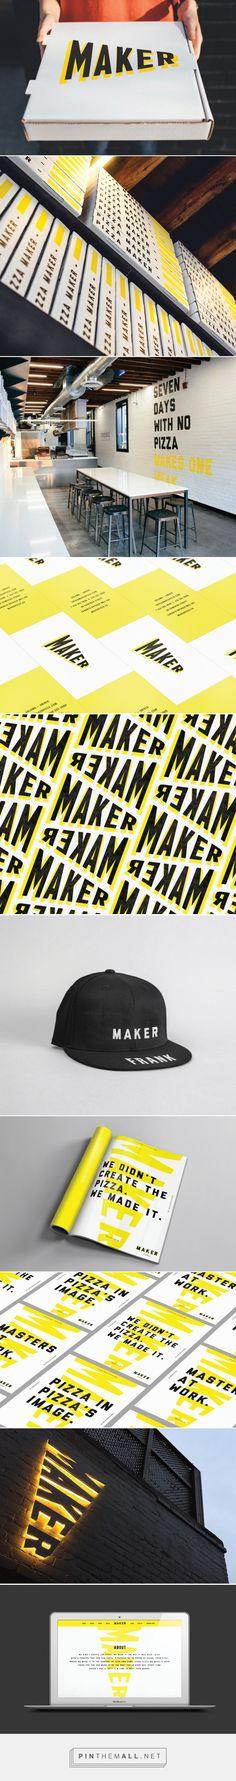 Maker - The Community Website - created on Restaurant Branding, Logo Branding, Branding Design, Logo Design, Graphic Design, Logos, Visual Identity, Brand Identity, Create Website